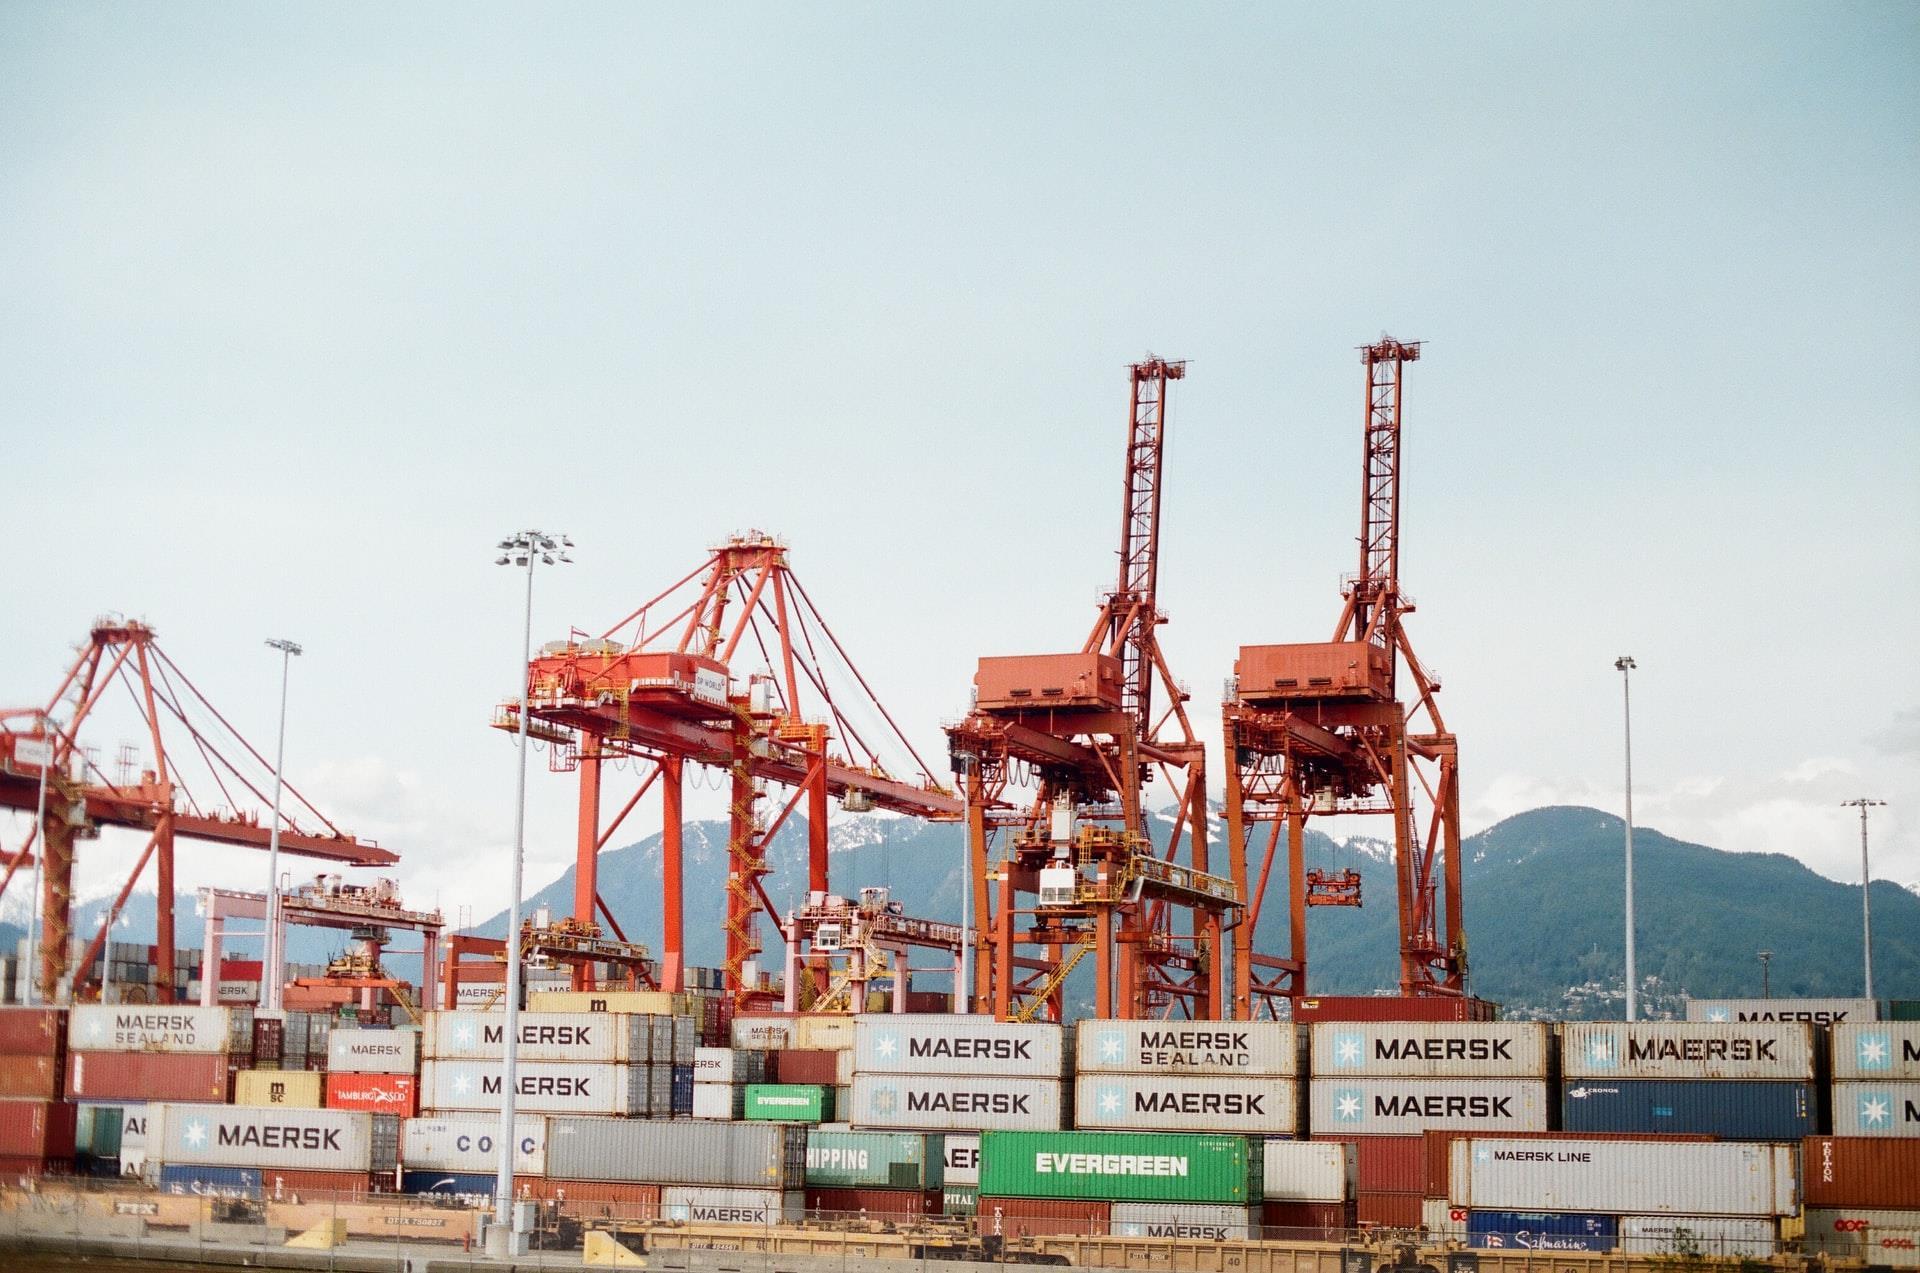 A imagem mostra um navio sendo carregado com containers em um porto.